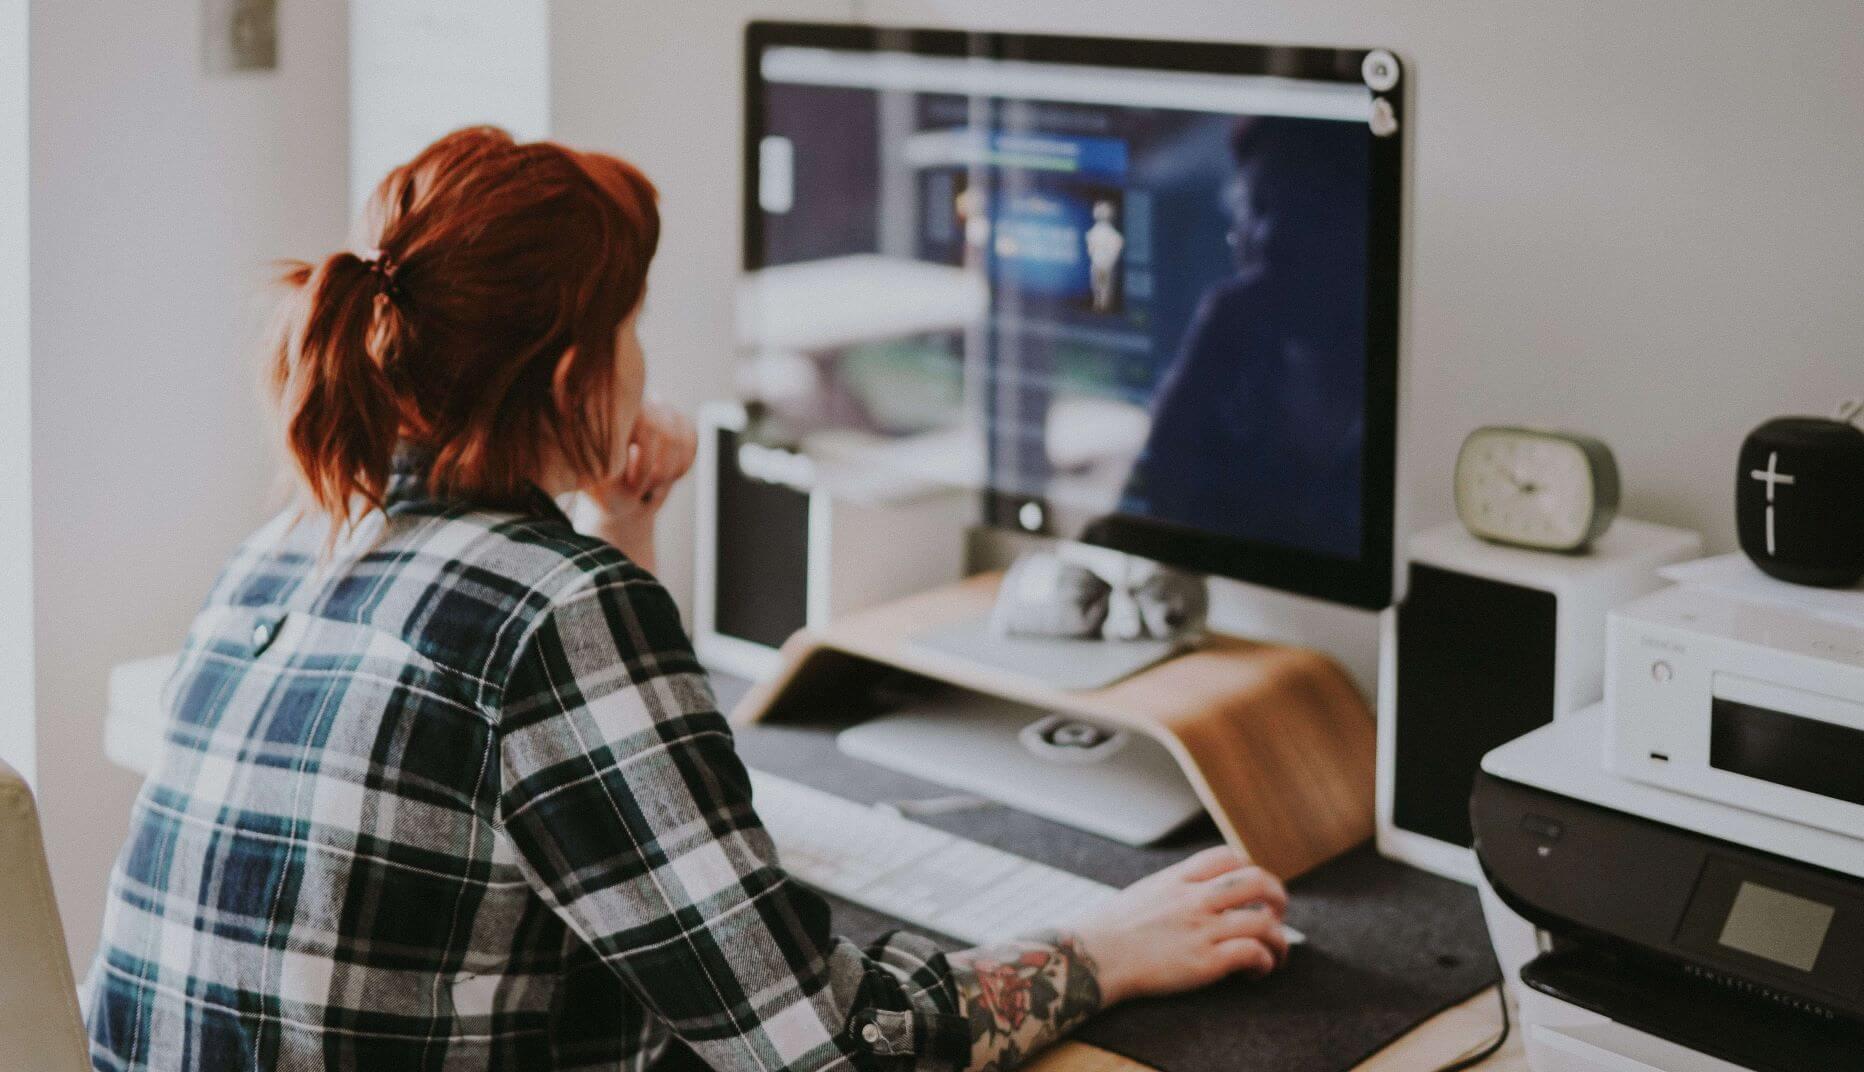 Organizando o home office: 8 dicas para se planejar!